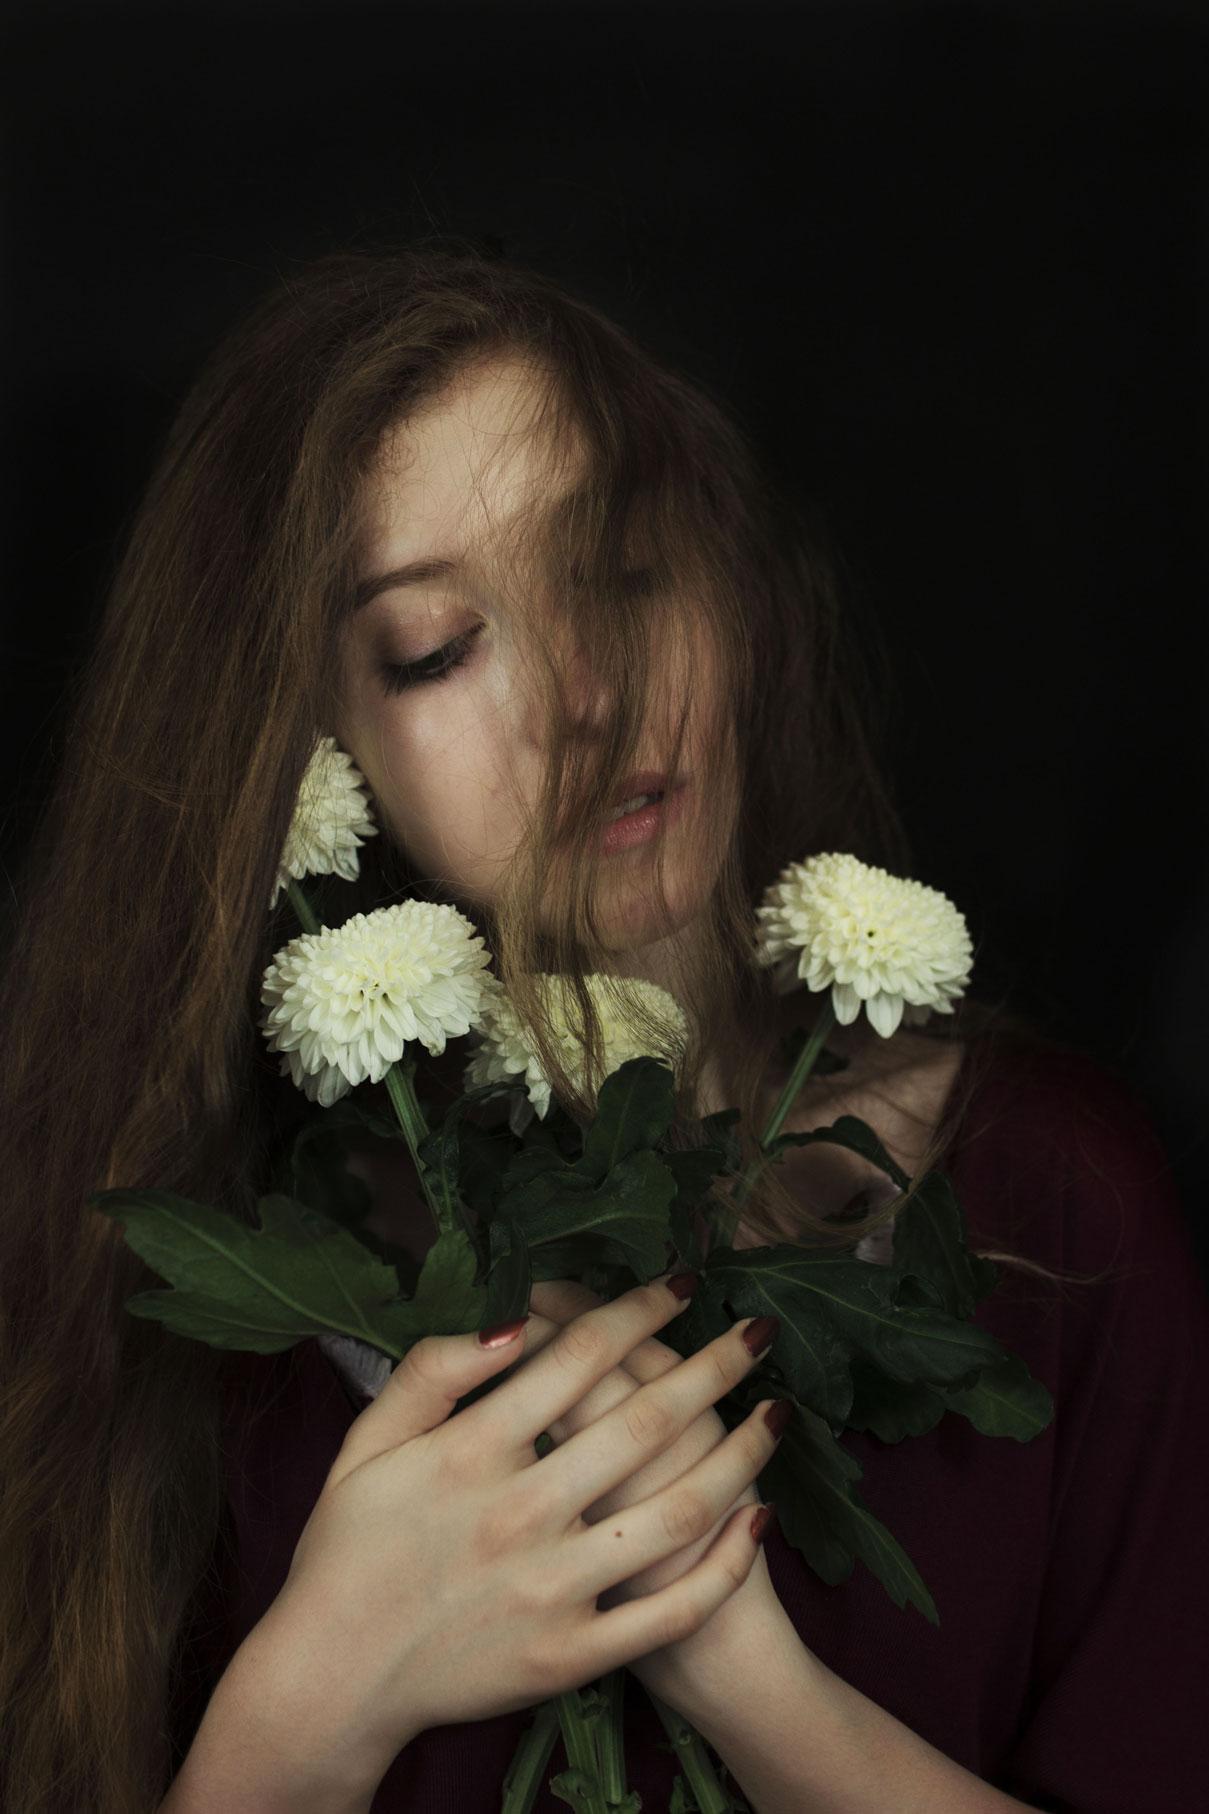 jeune femme aux long cheveux blond vénitiens avec des fleurs blanches